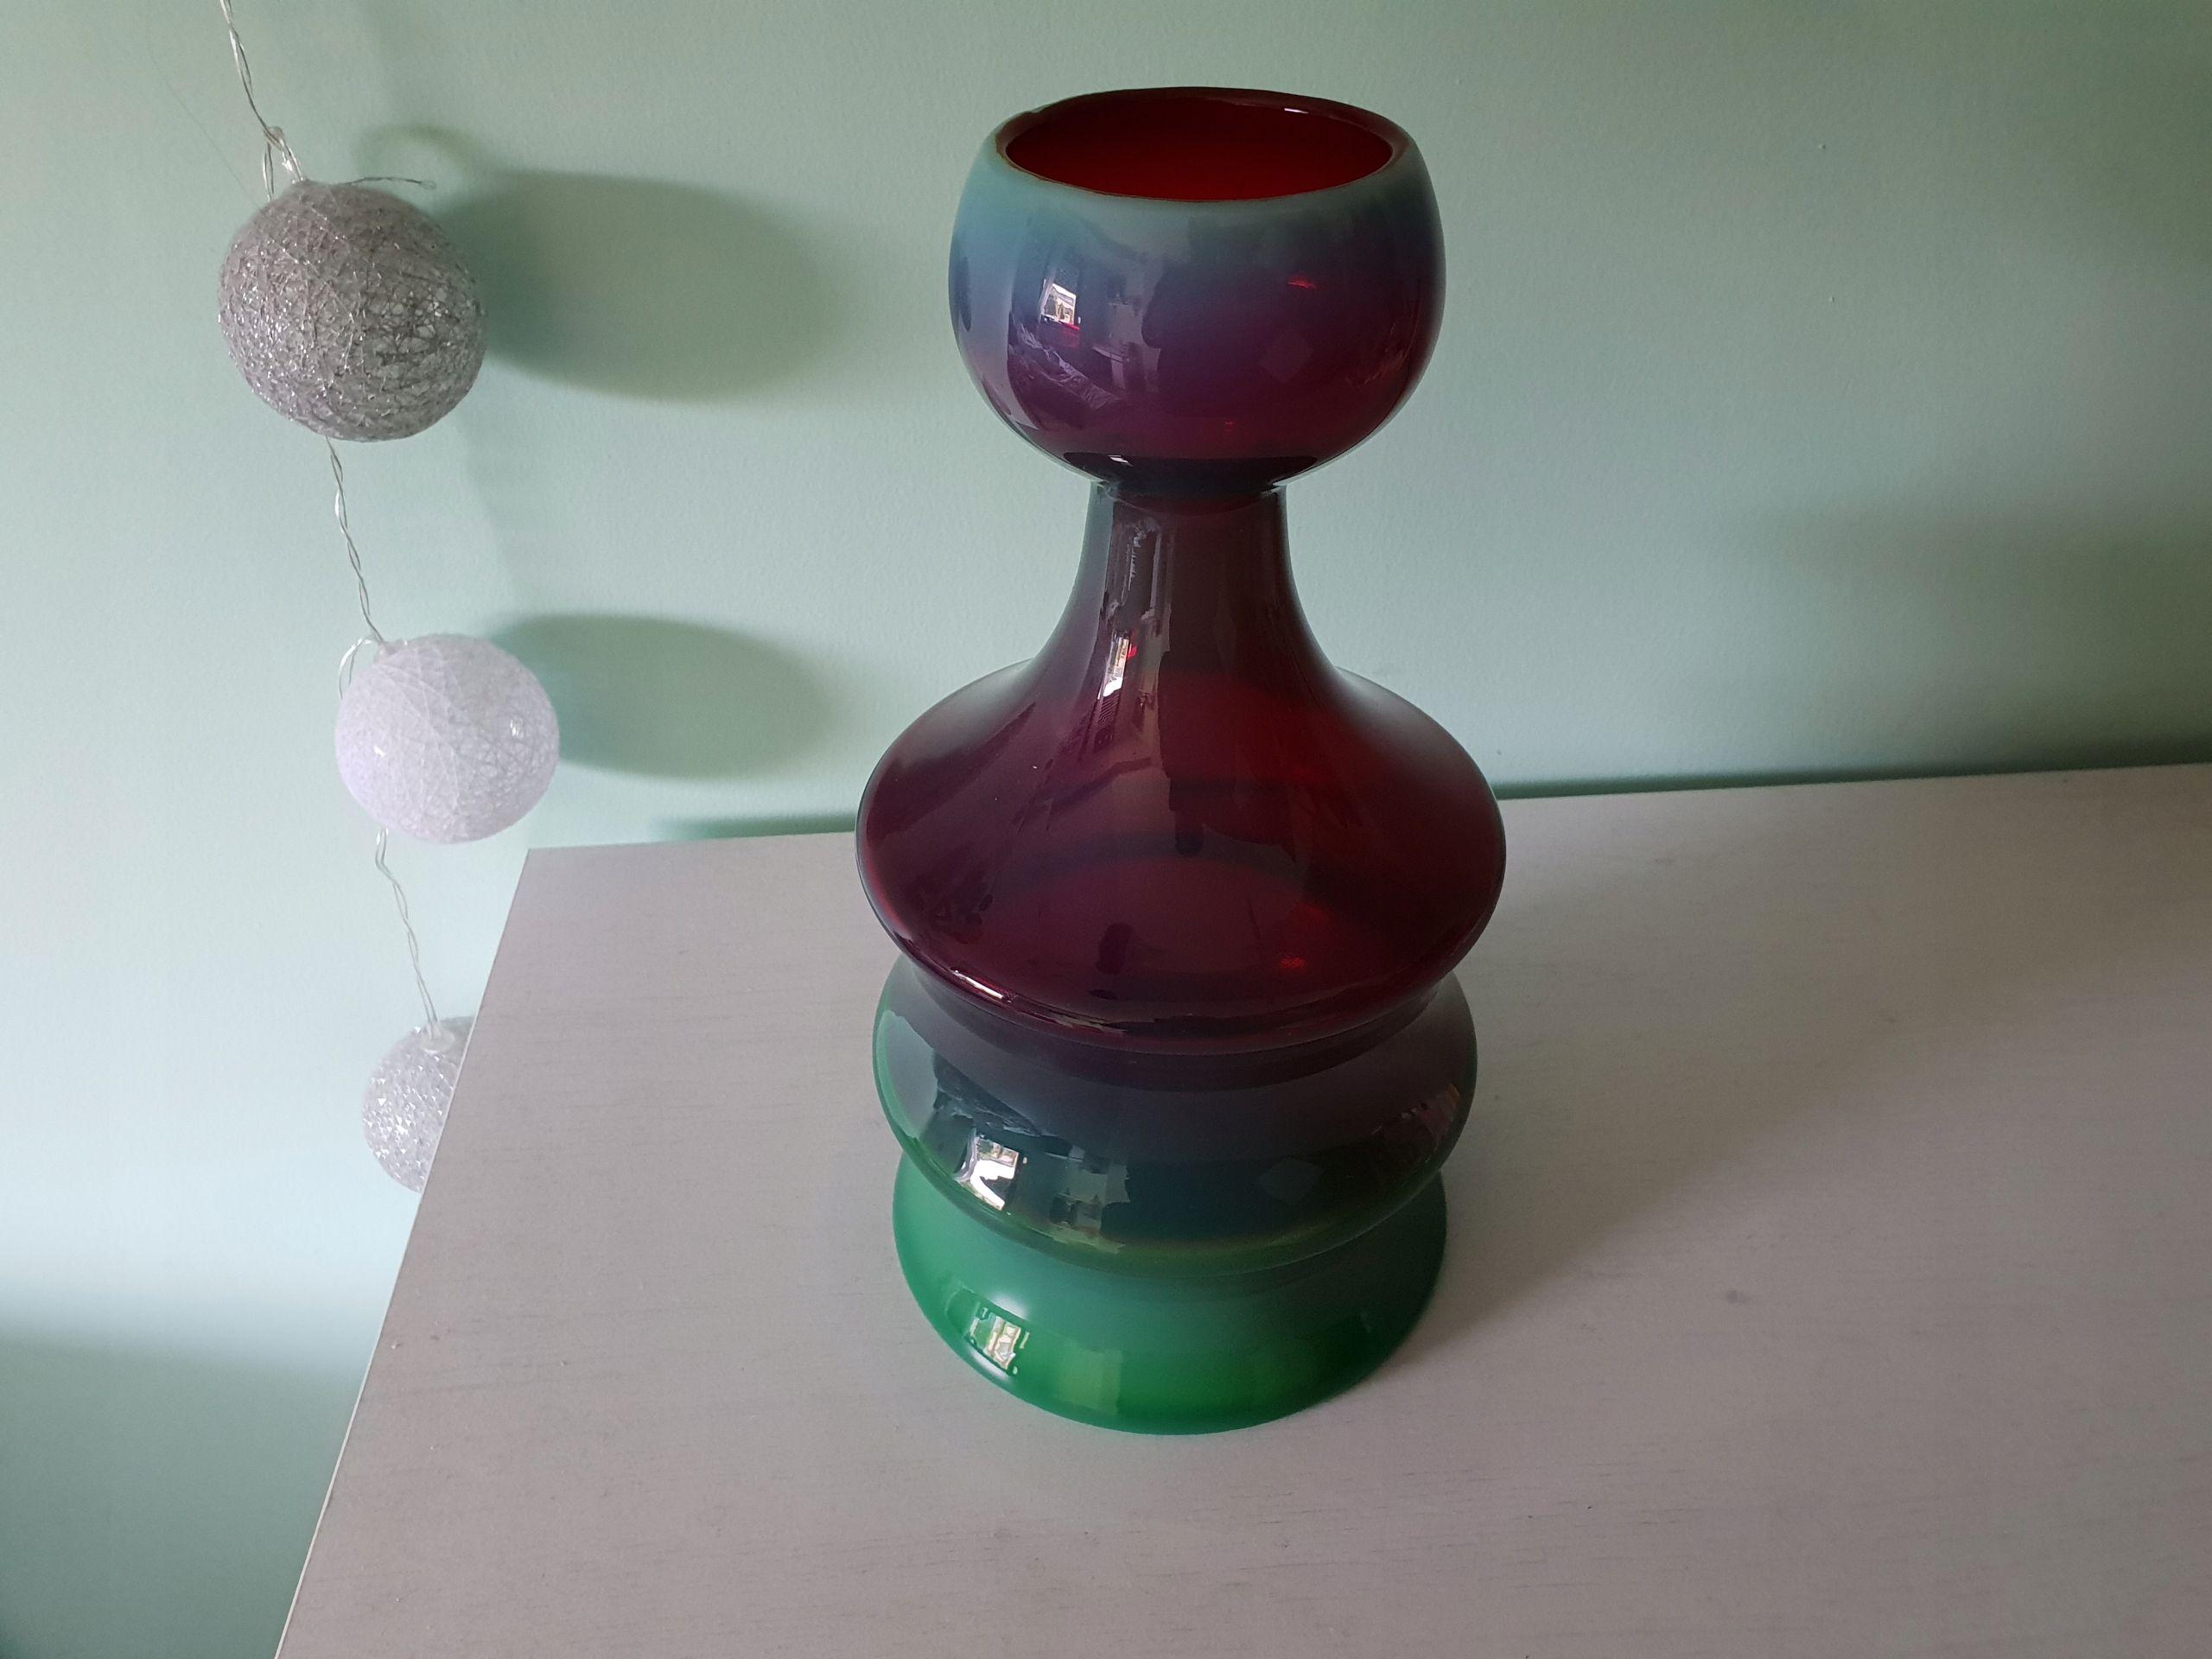 Wystawowy Wazon Zyrafa Krawczyk Z Horbowy Unikat 7911333047 Oficjalne Archiwum Allegro Design Glass Lighting